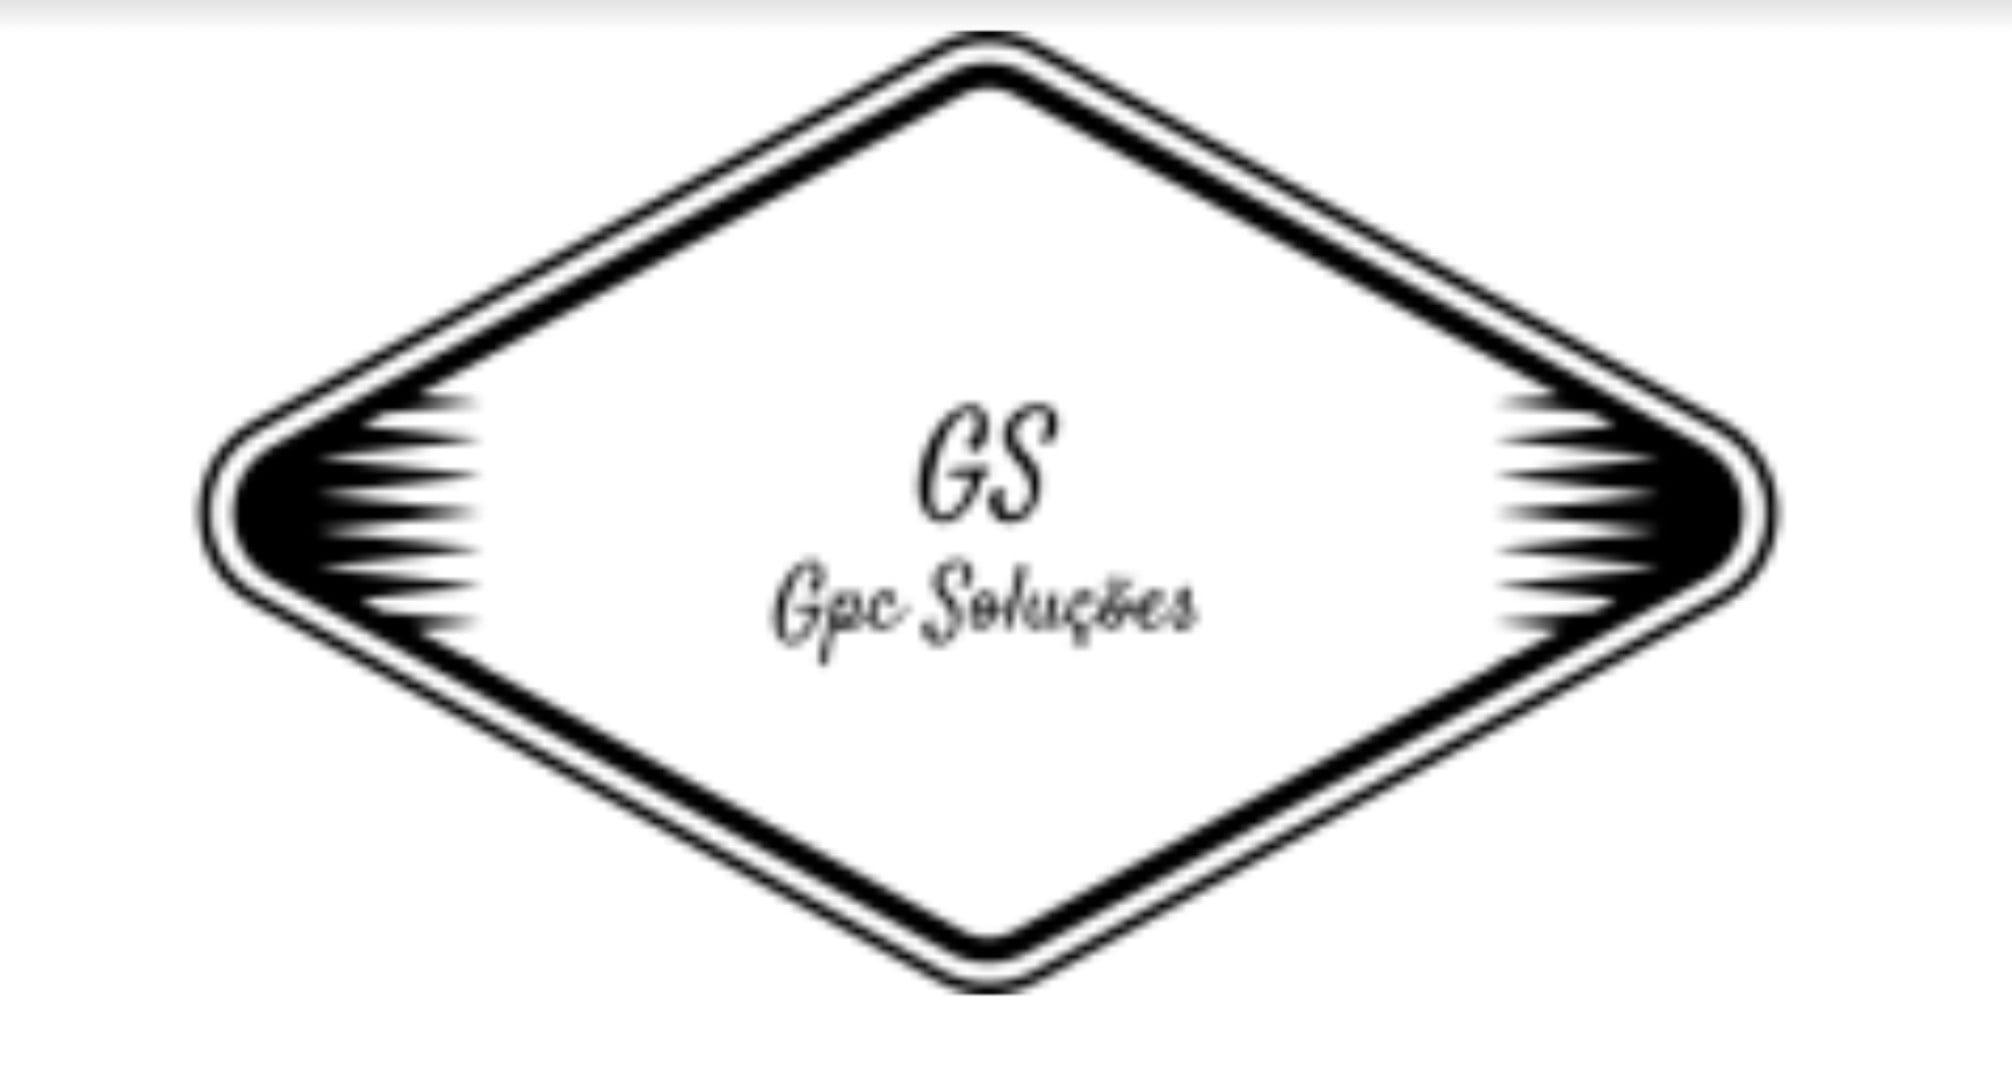 Gpc Soluções